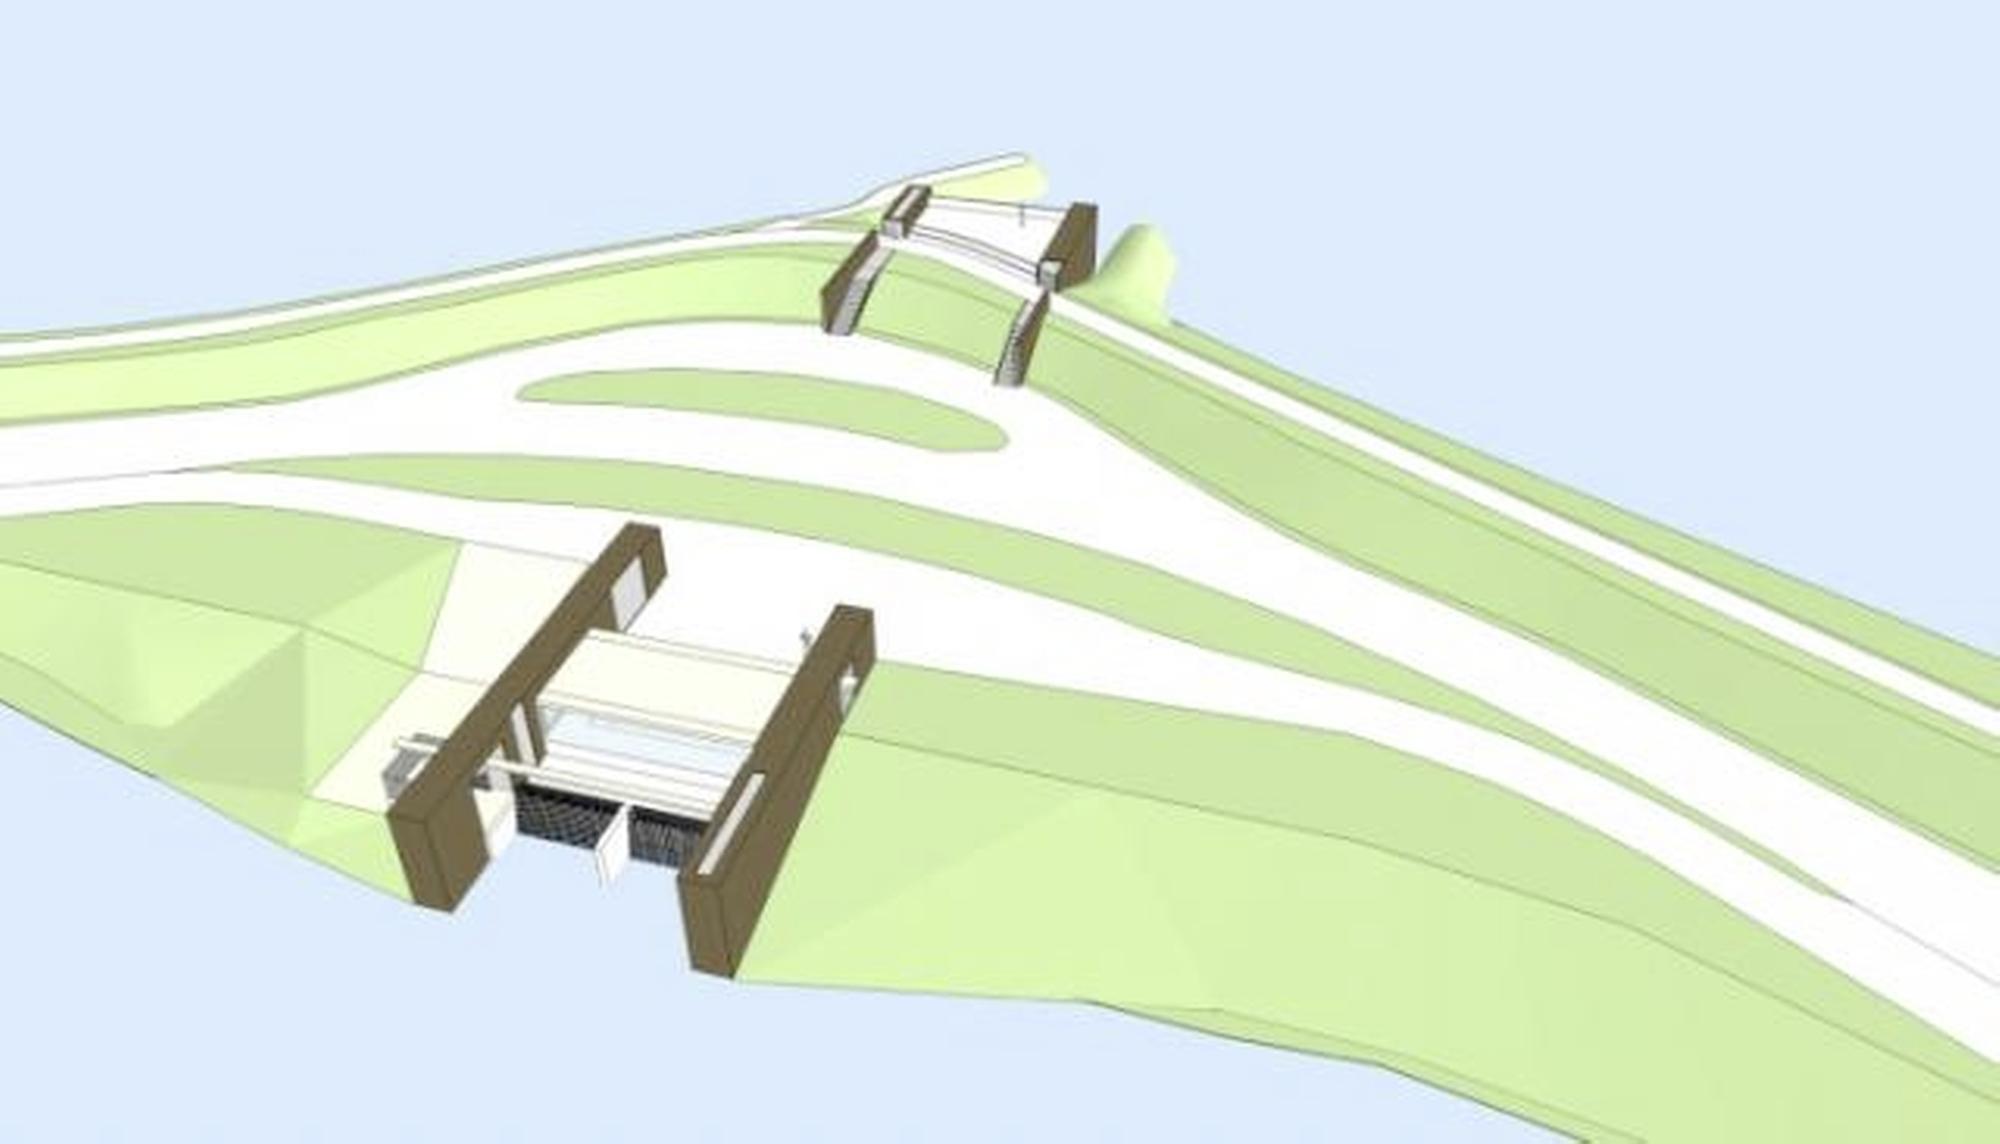 Eerste werkzaamheden voor gemaal De Poel bij Monnickendam gestart deze week, mogelijk hinder qua geluid en voor verkeer